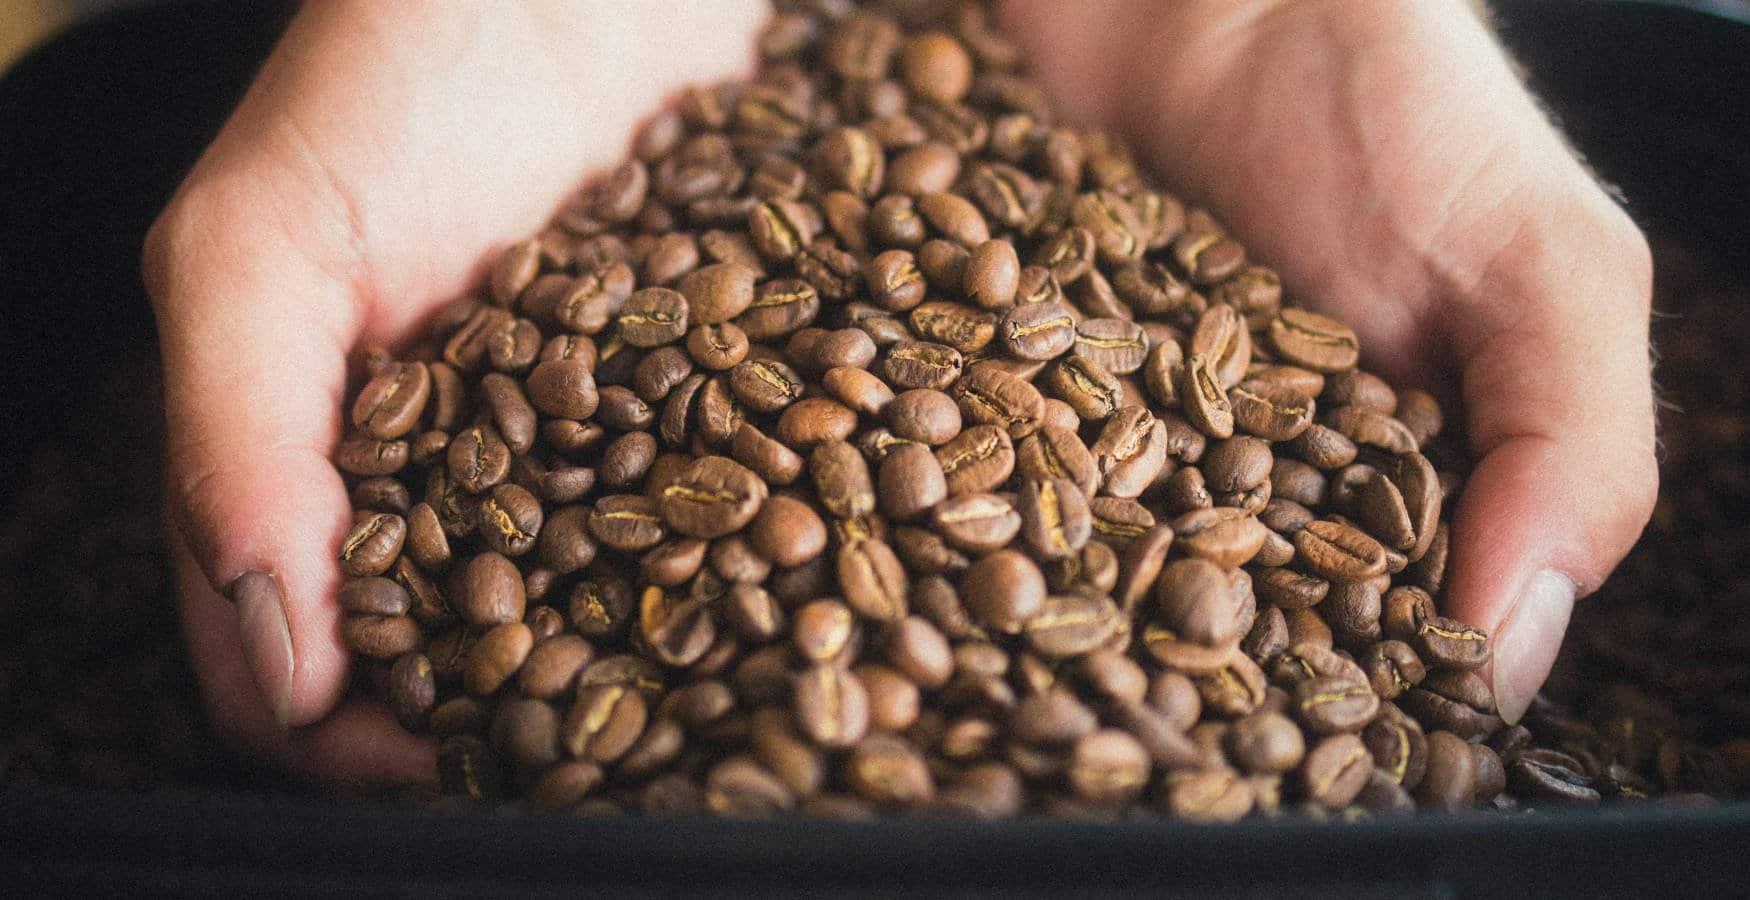 kaffeekueste zerowaste Zero Waste